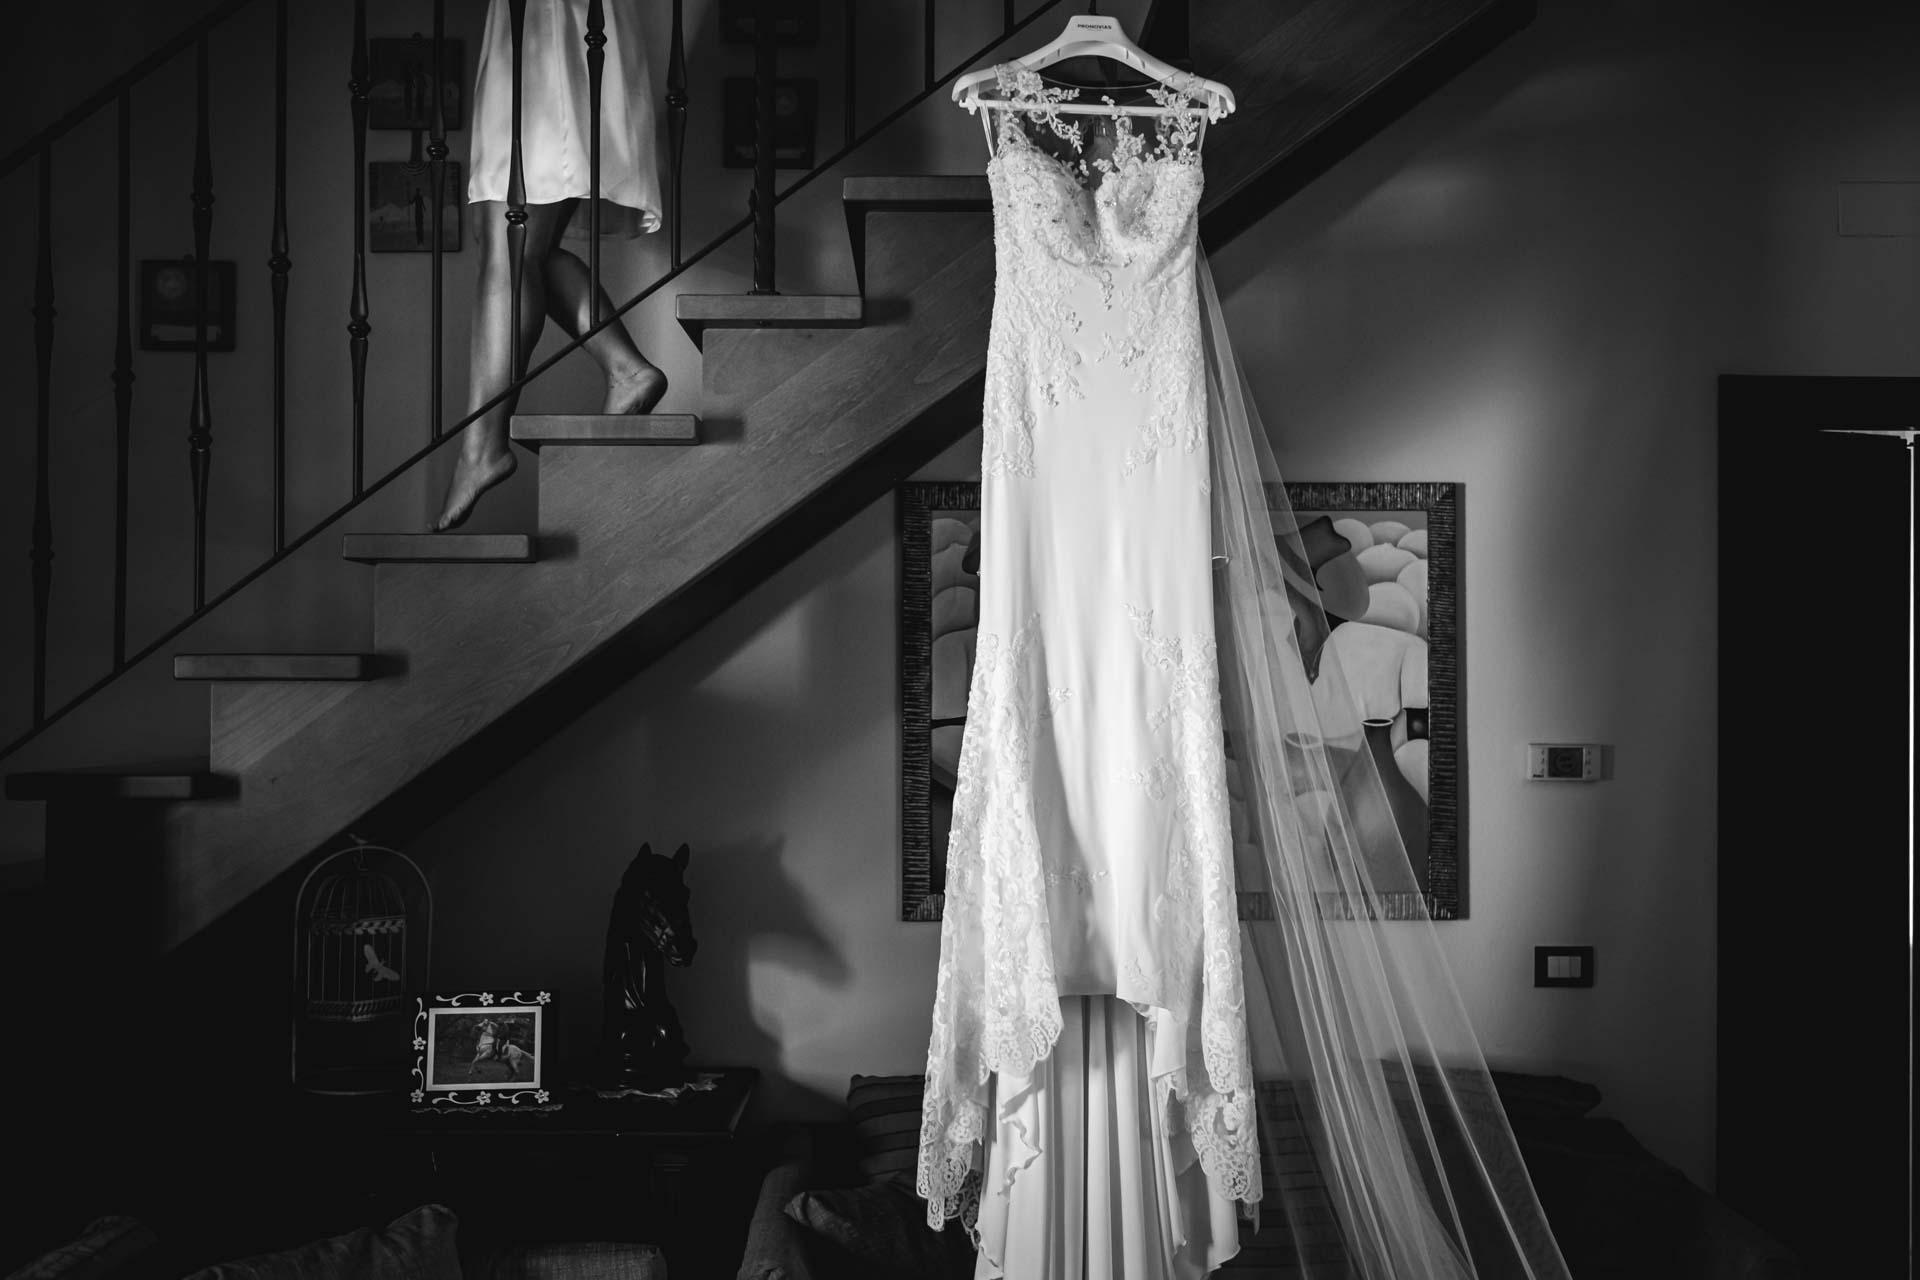 abito da sposa scale sposa bianco e nero